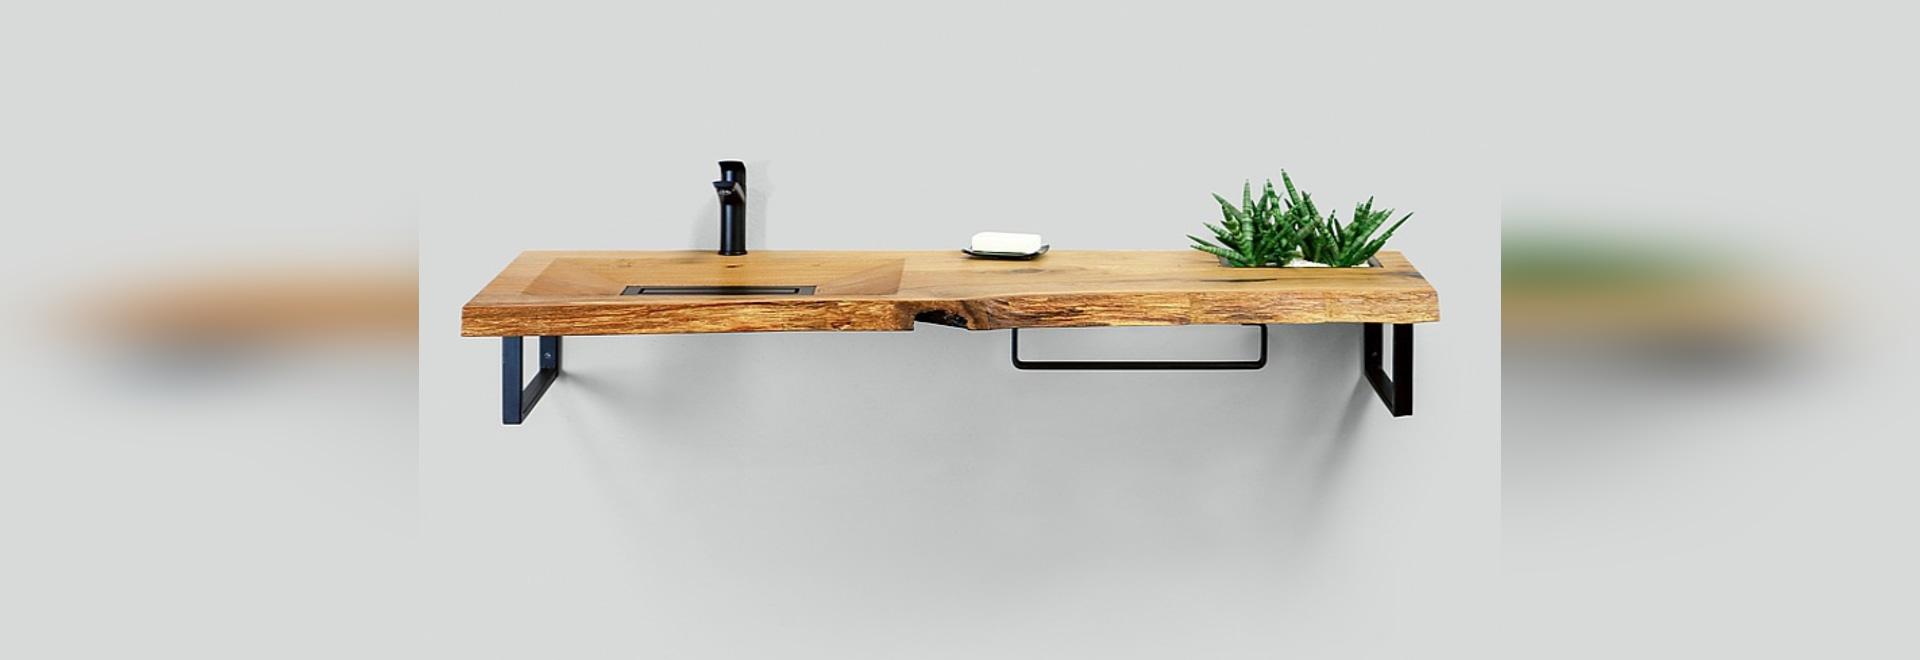 Wooden Washbasin CONE Holzwaschtisch CONE